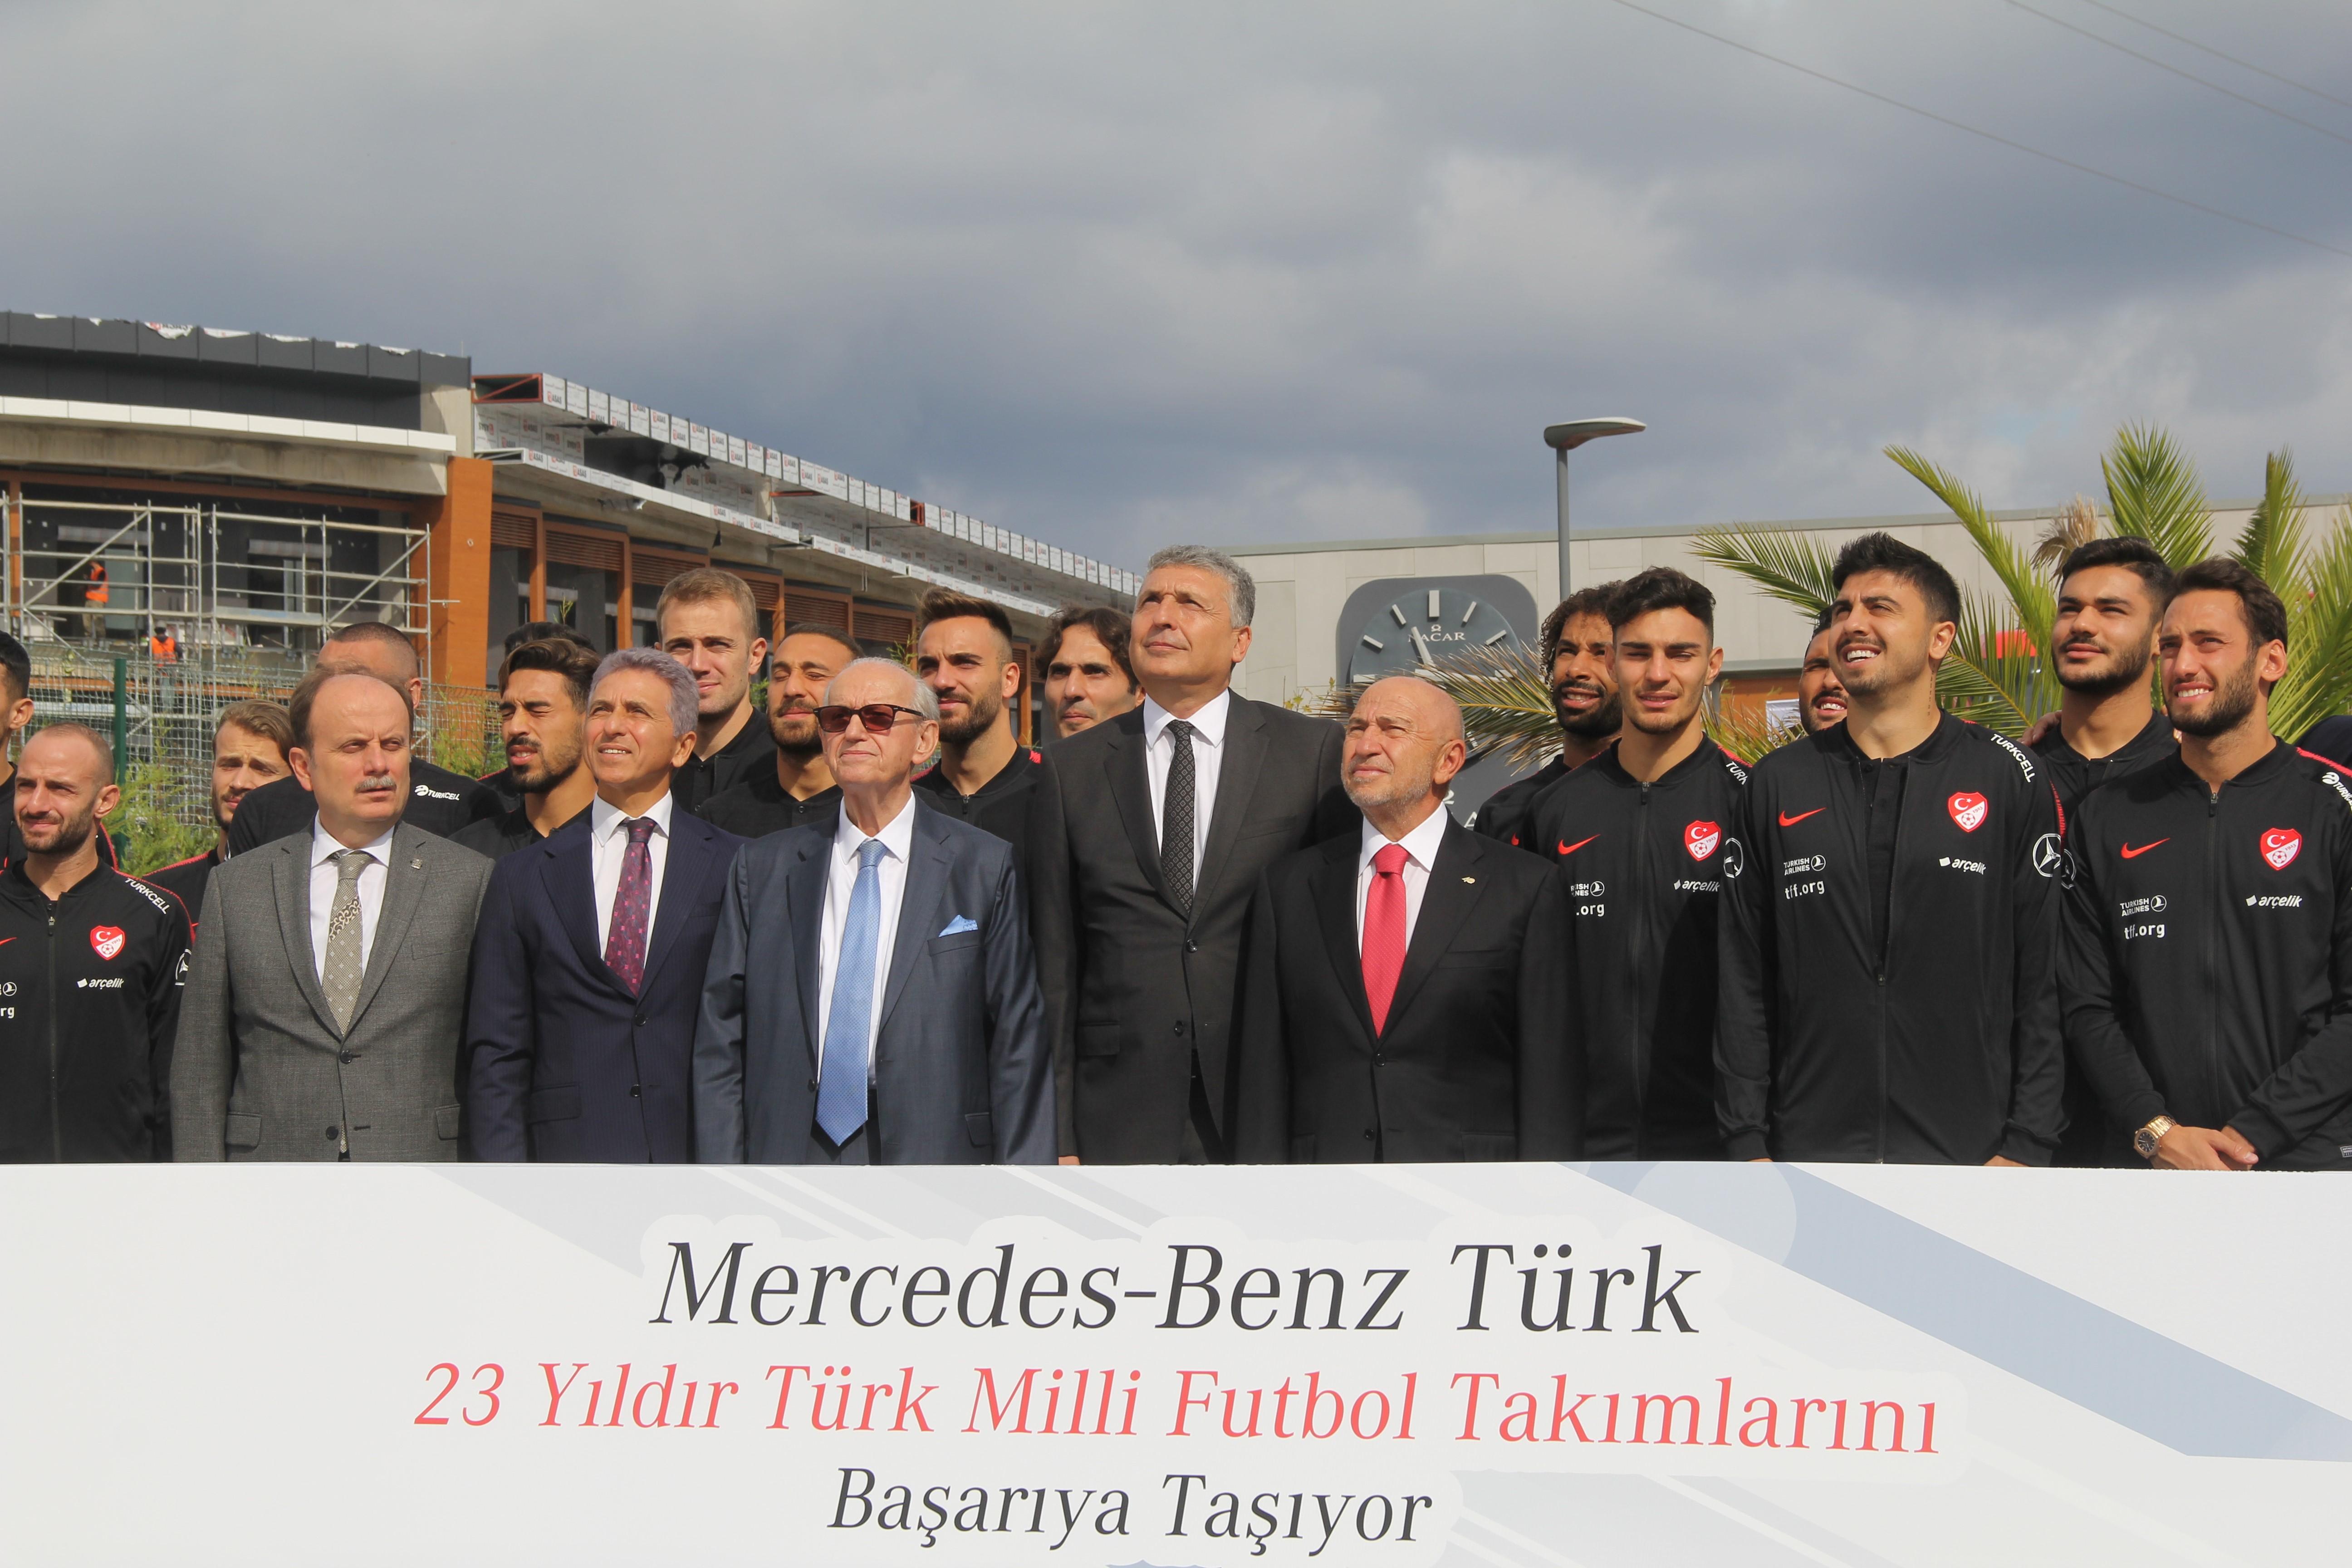 mercedes-benz-turk-.jpg